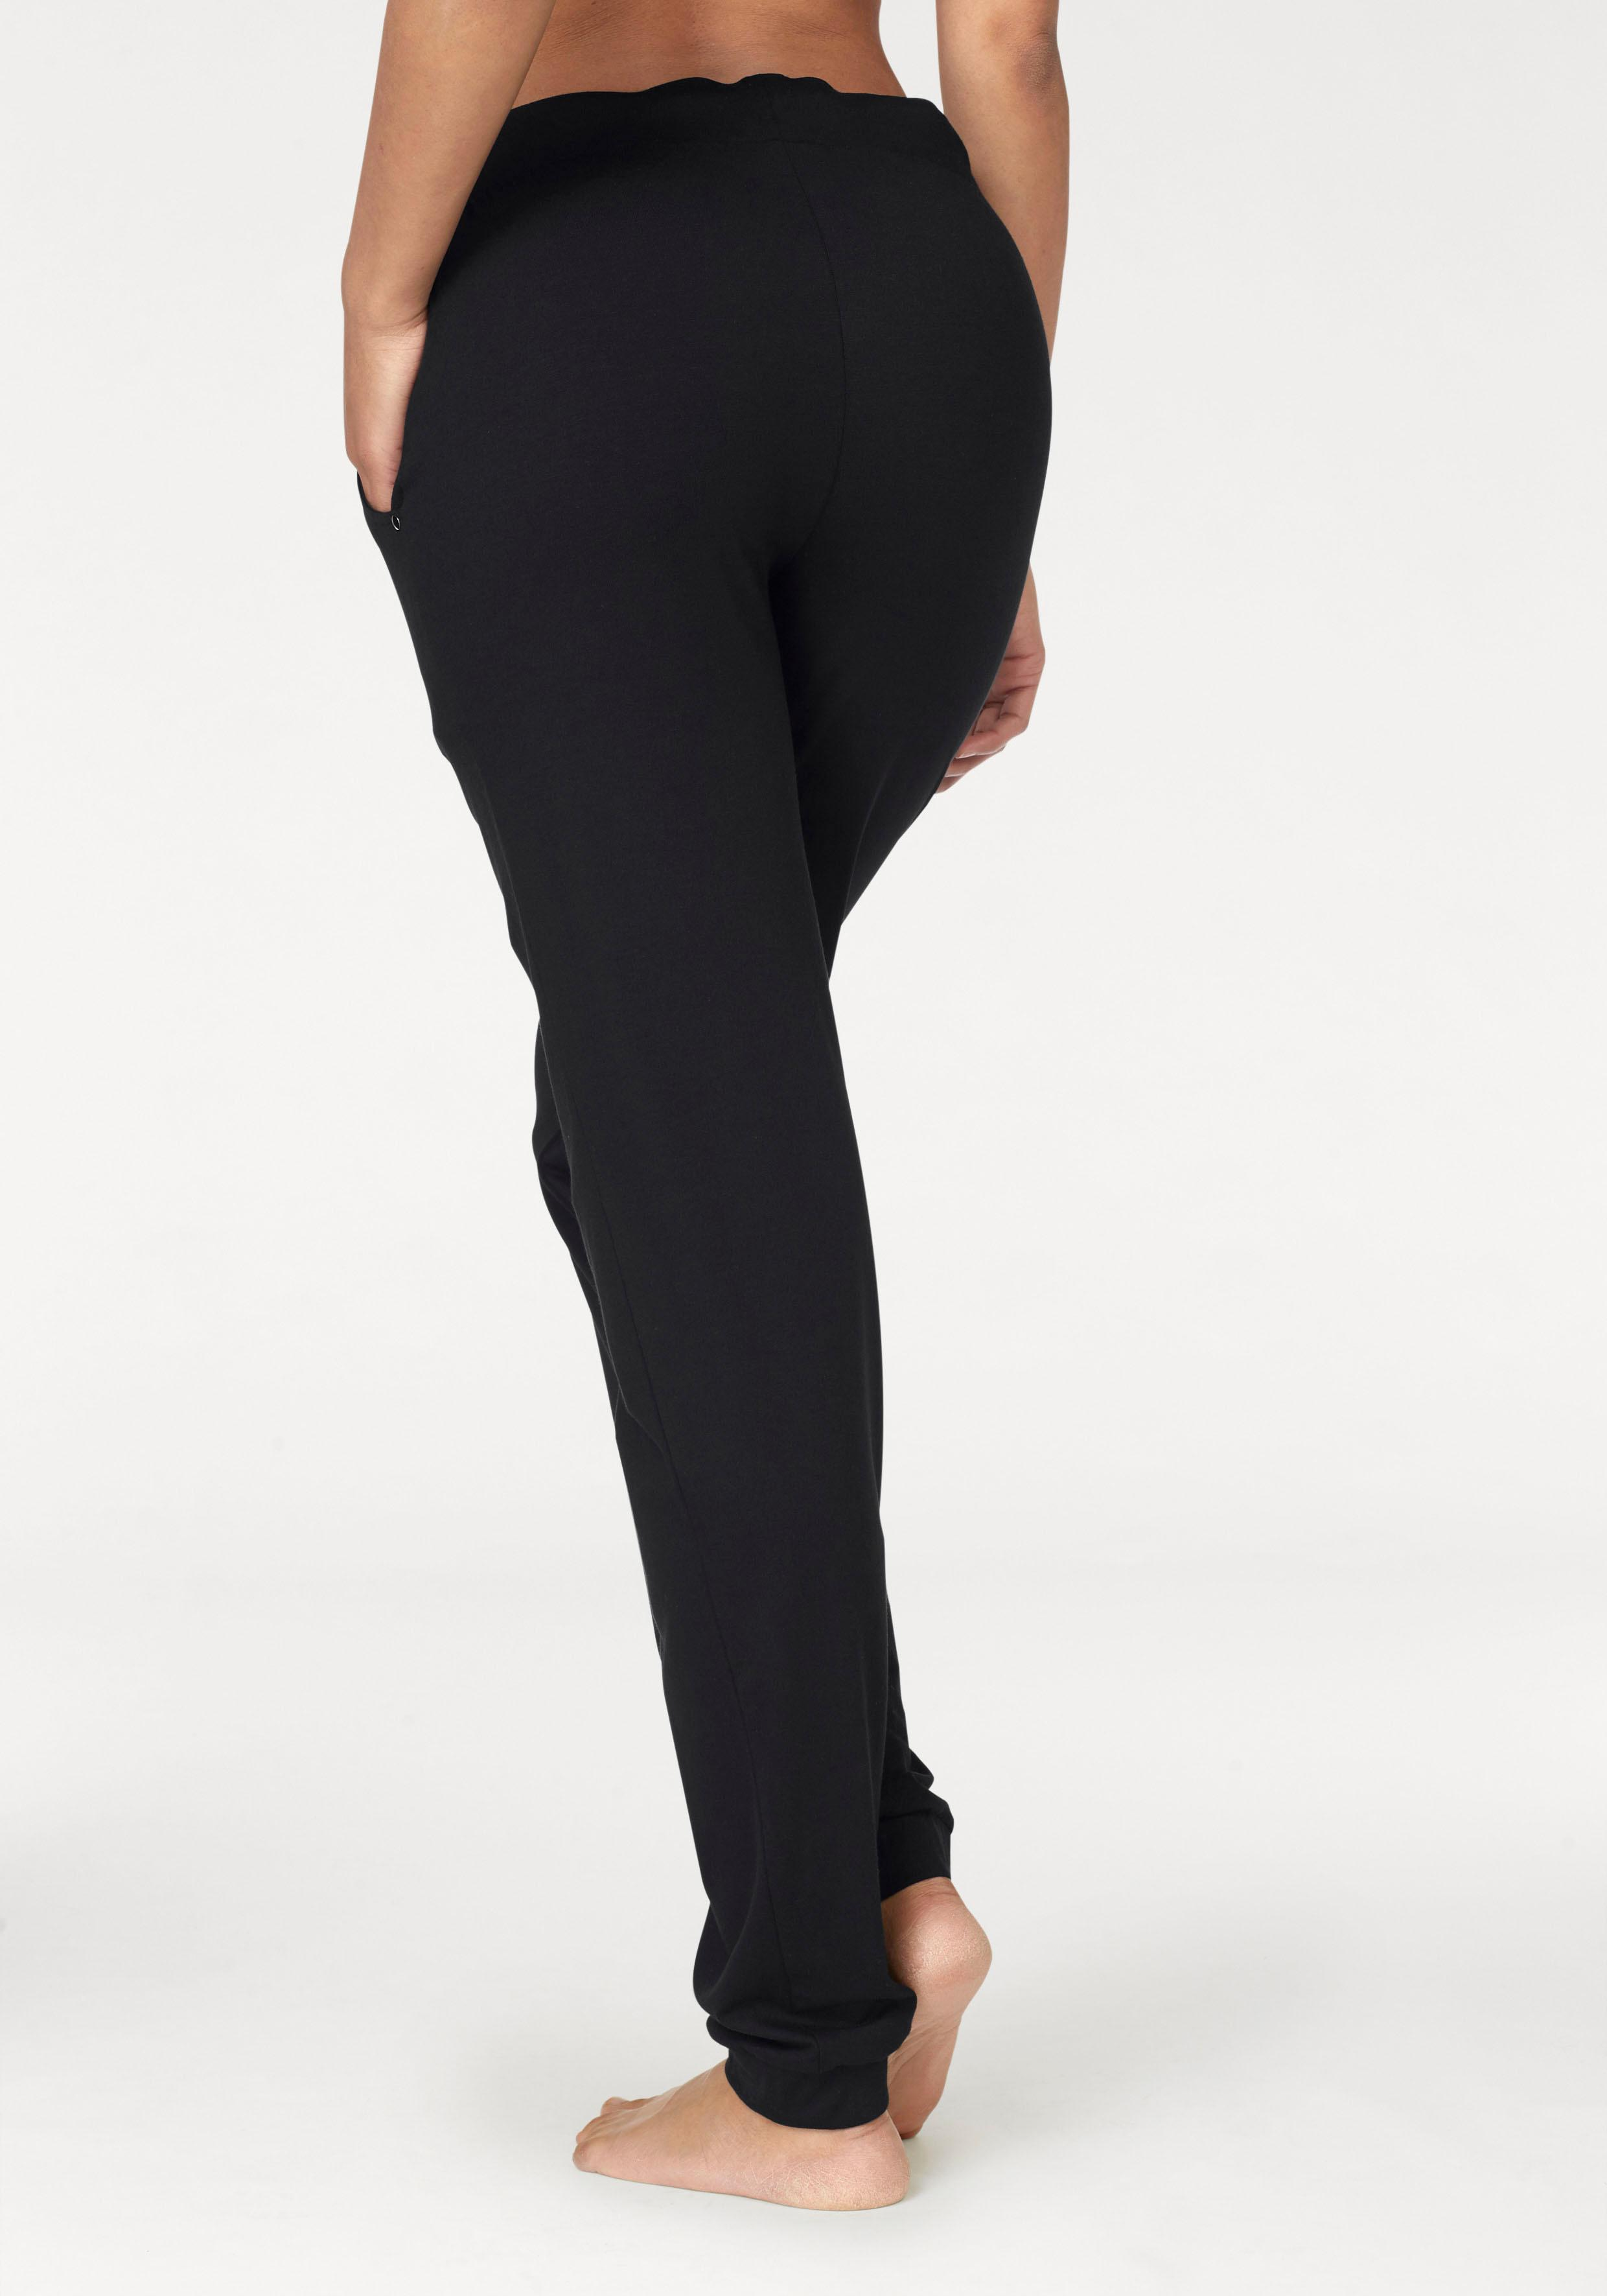 LASCANA Relaxhose mit seitlichen Eingrifftaschen   Bekleidung > Homewear > Relaxhosen   Schwarz   Baumwolle   Lascana